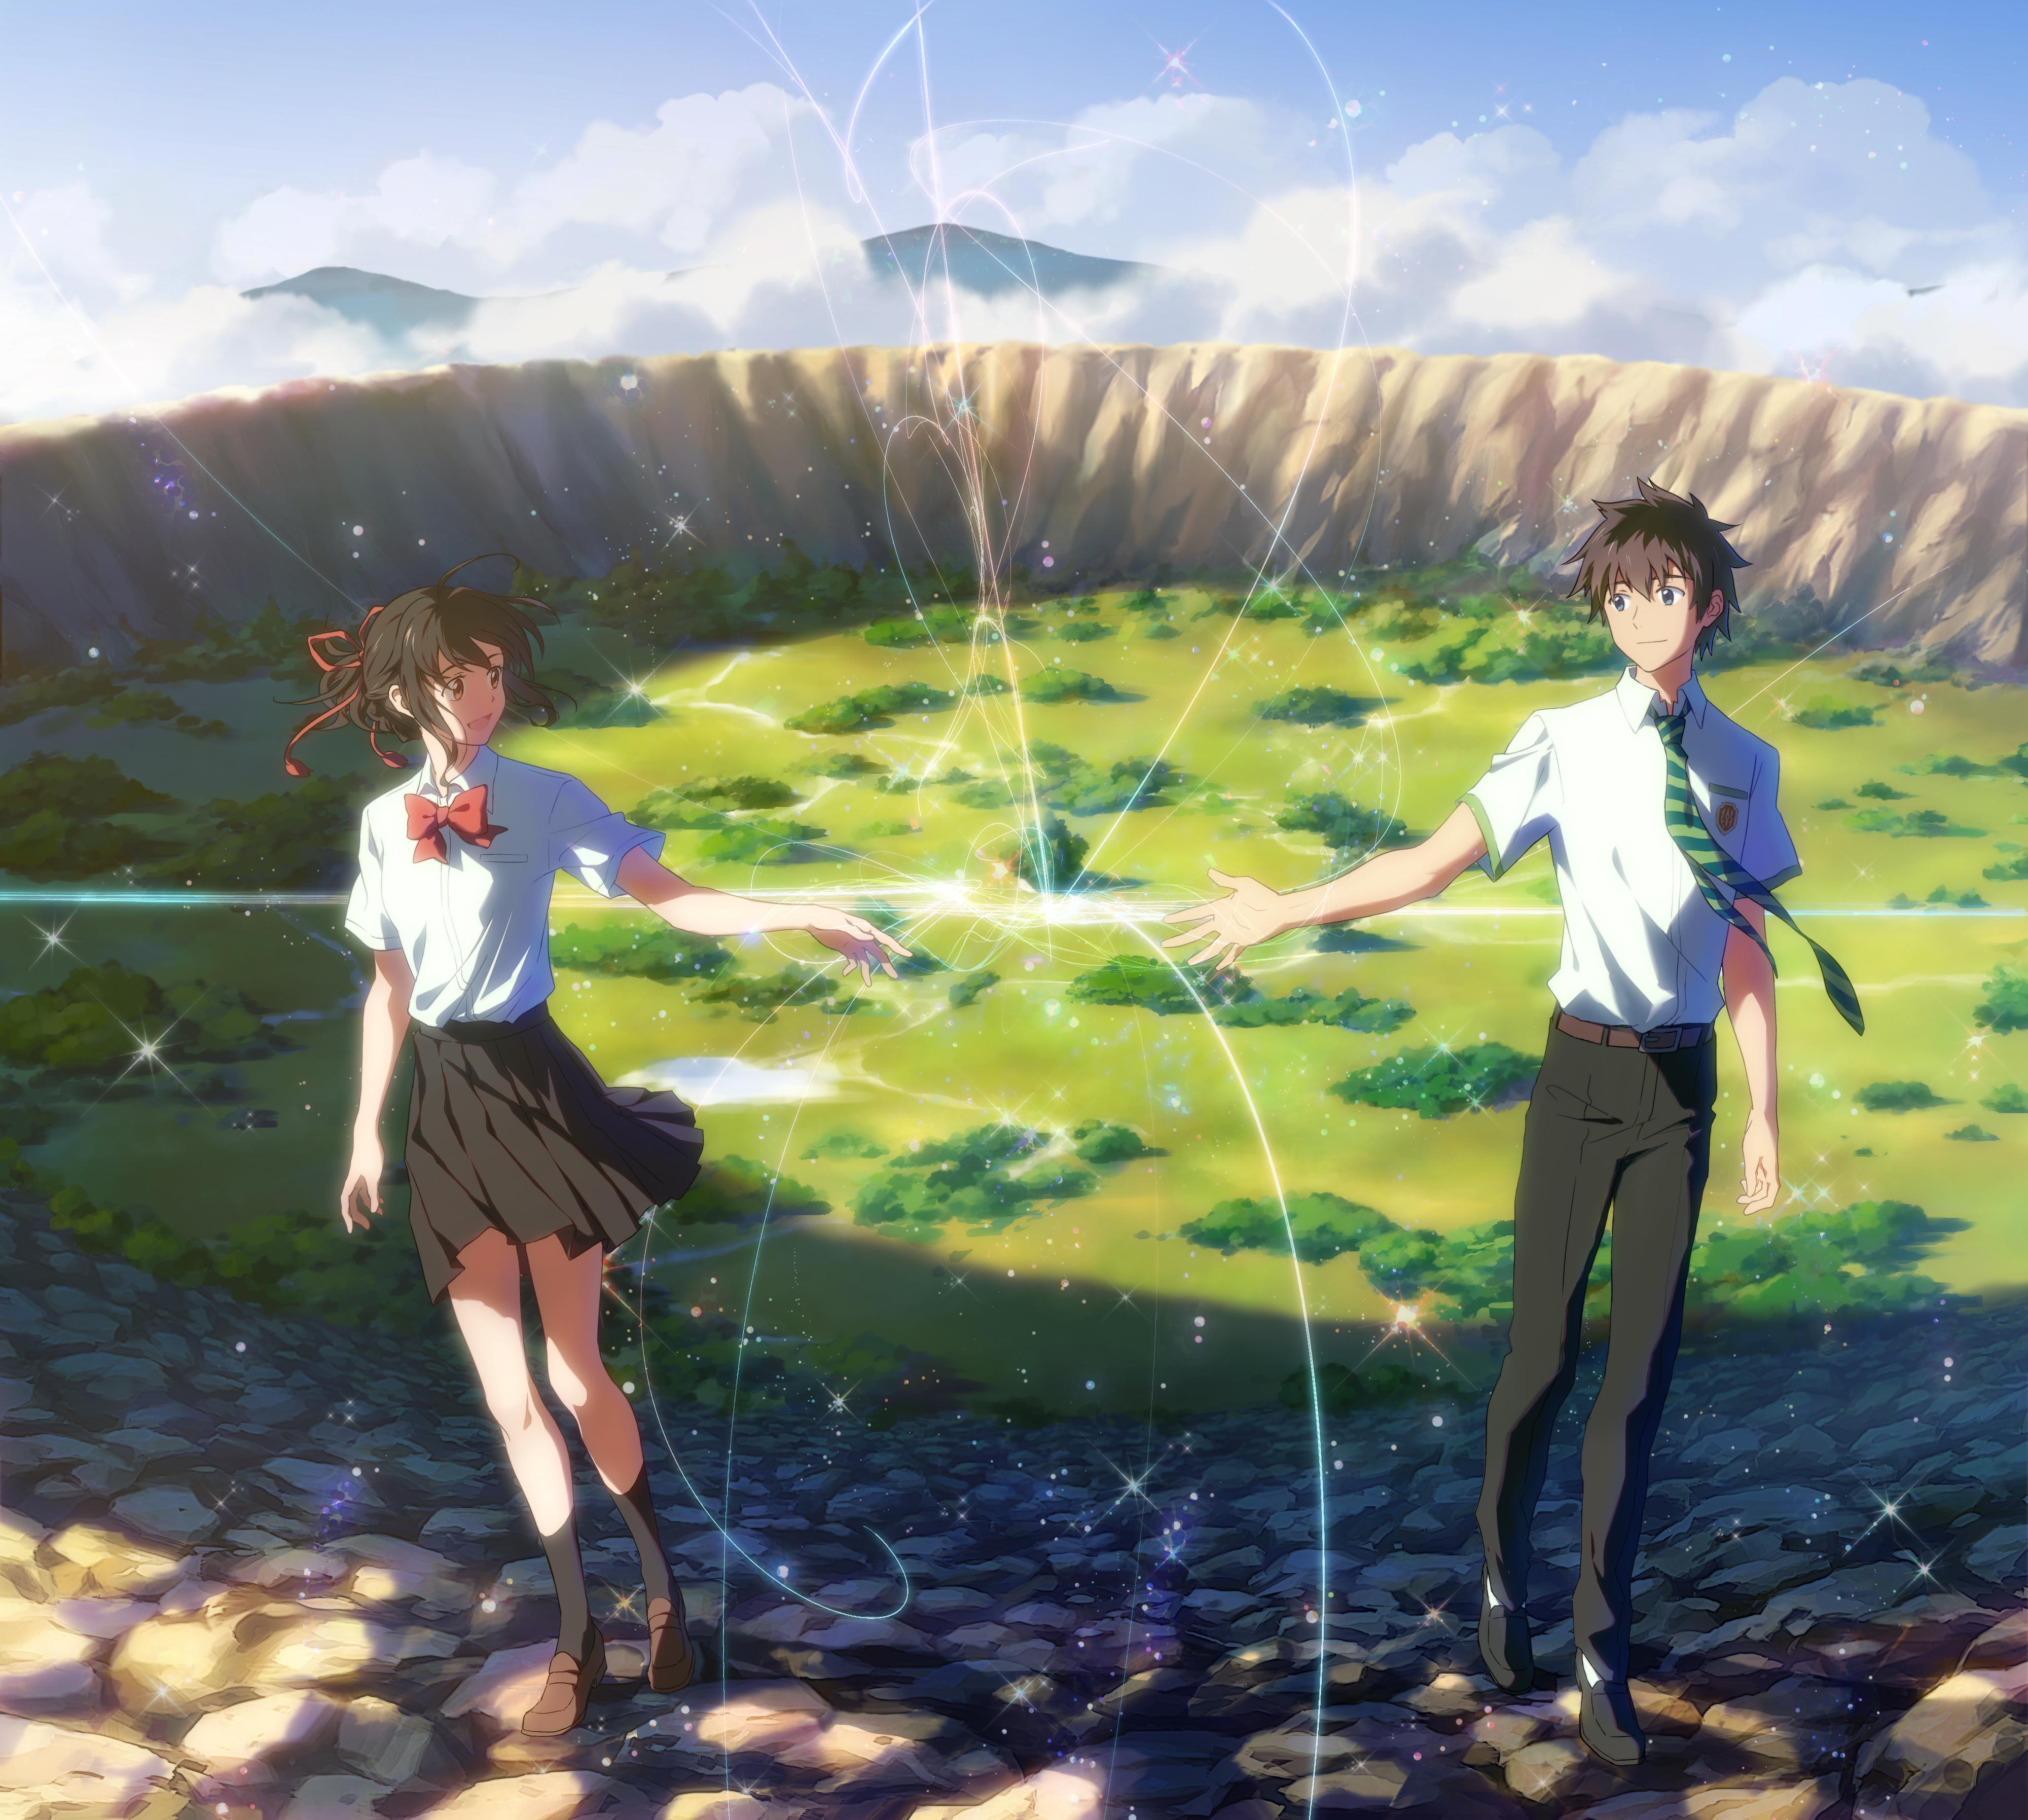 Kimi No Na Wa Anime Miyamizu Mitsuha Your Name Your